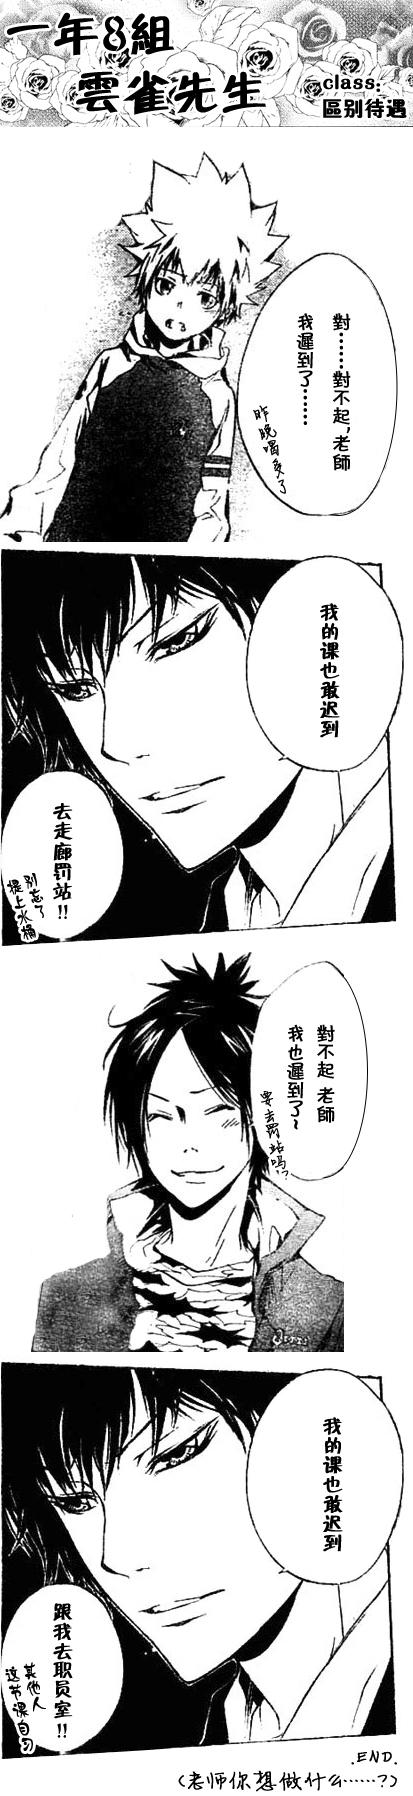 雲雀先生01